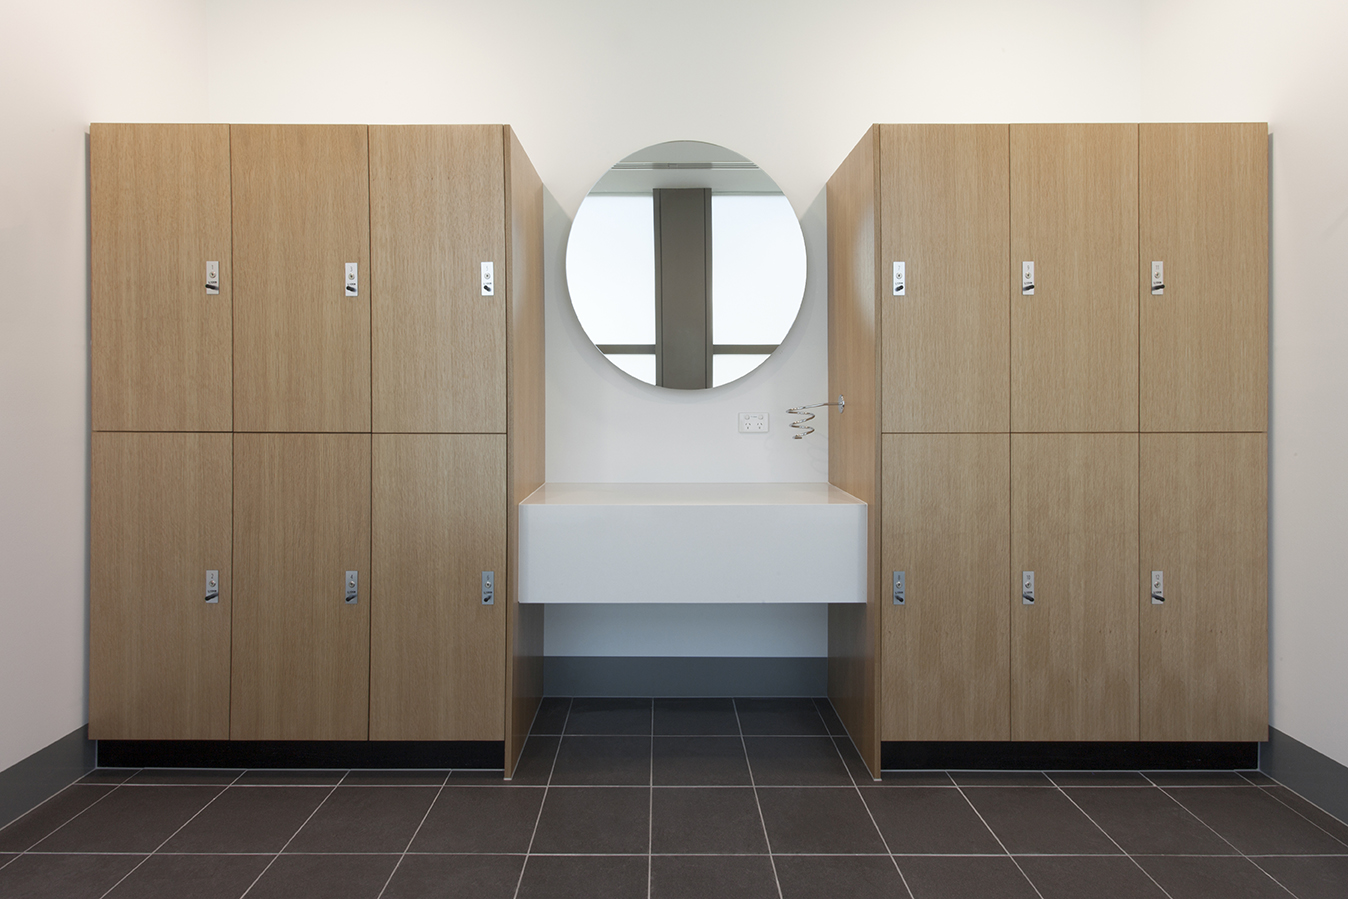 Dexus lockers with vanity shelf and mirror